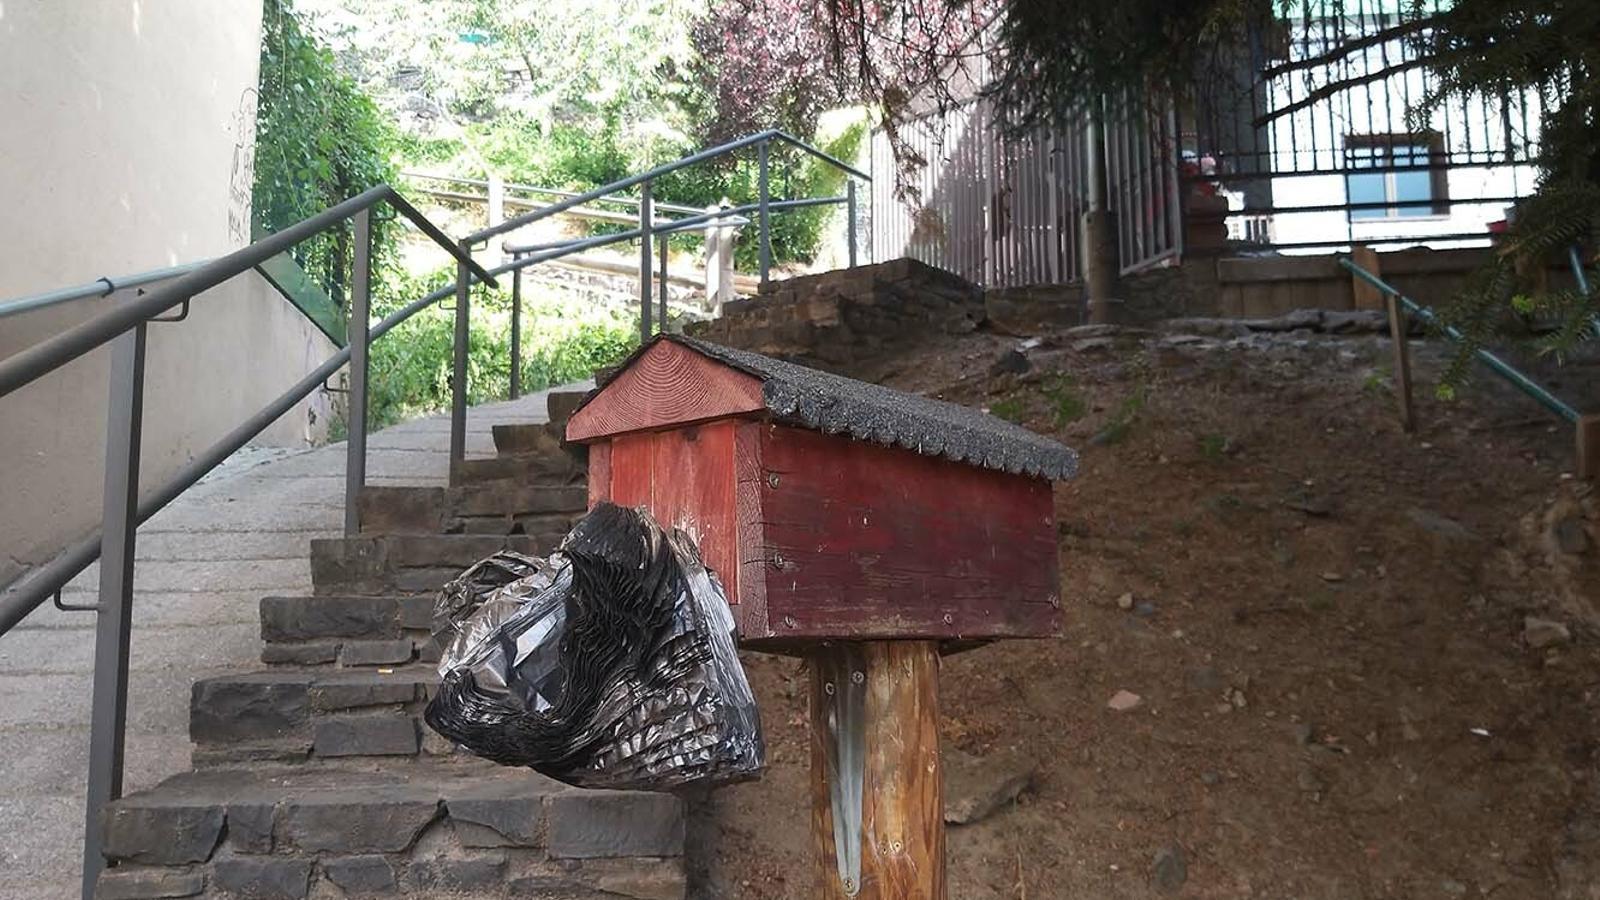 Un expenedor de bosses per a la recollida d'excrements. / M. F. (ANA)